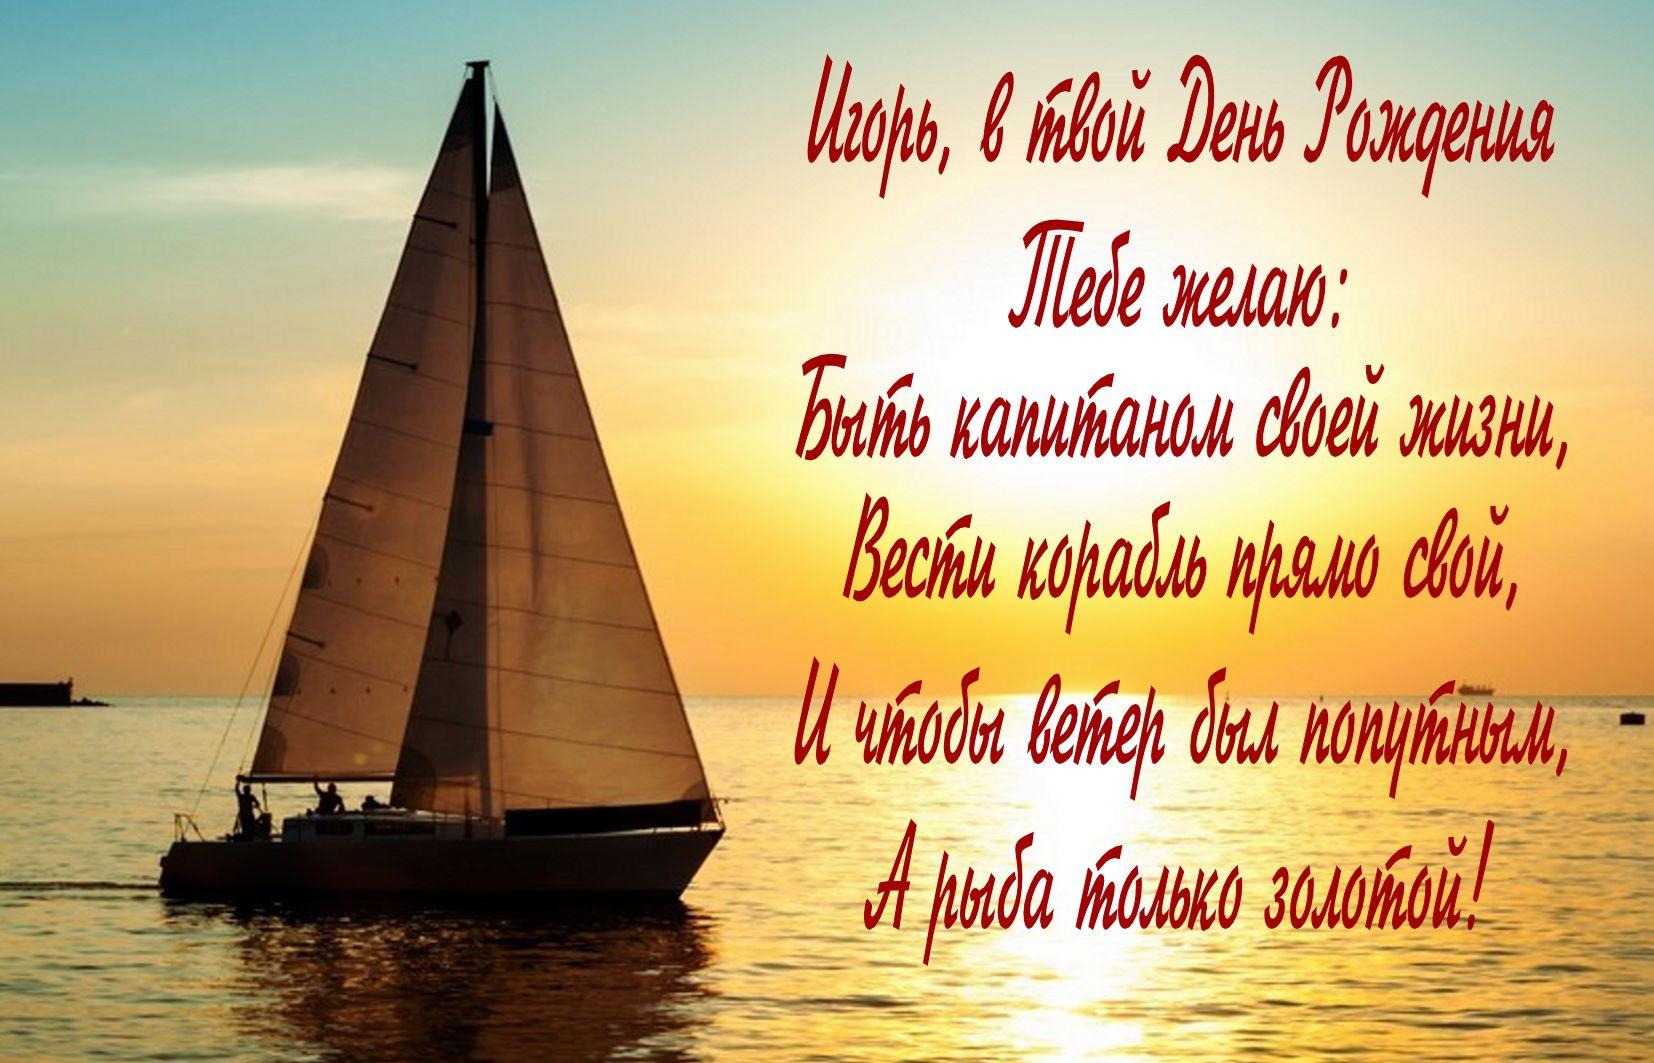 Открытка на День рождения Игорю - яхта на закате и пожелание в стихах